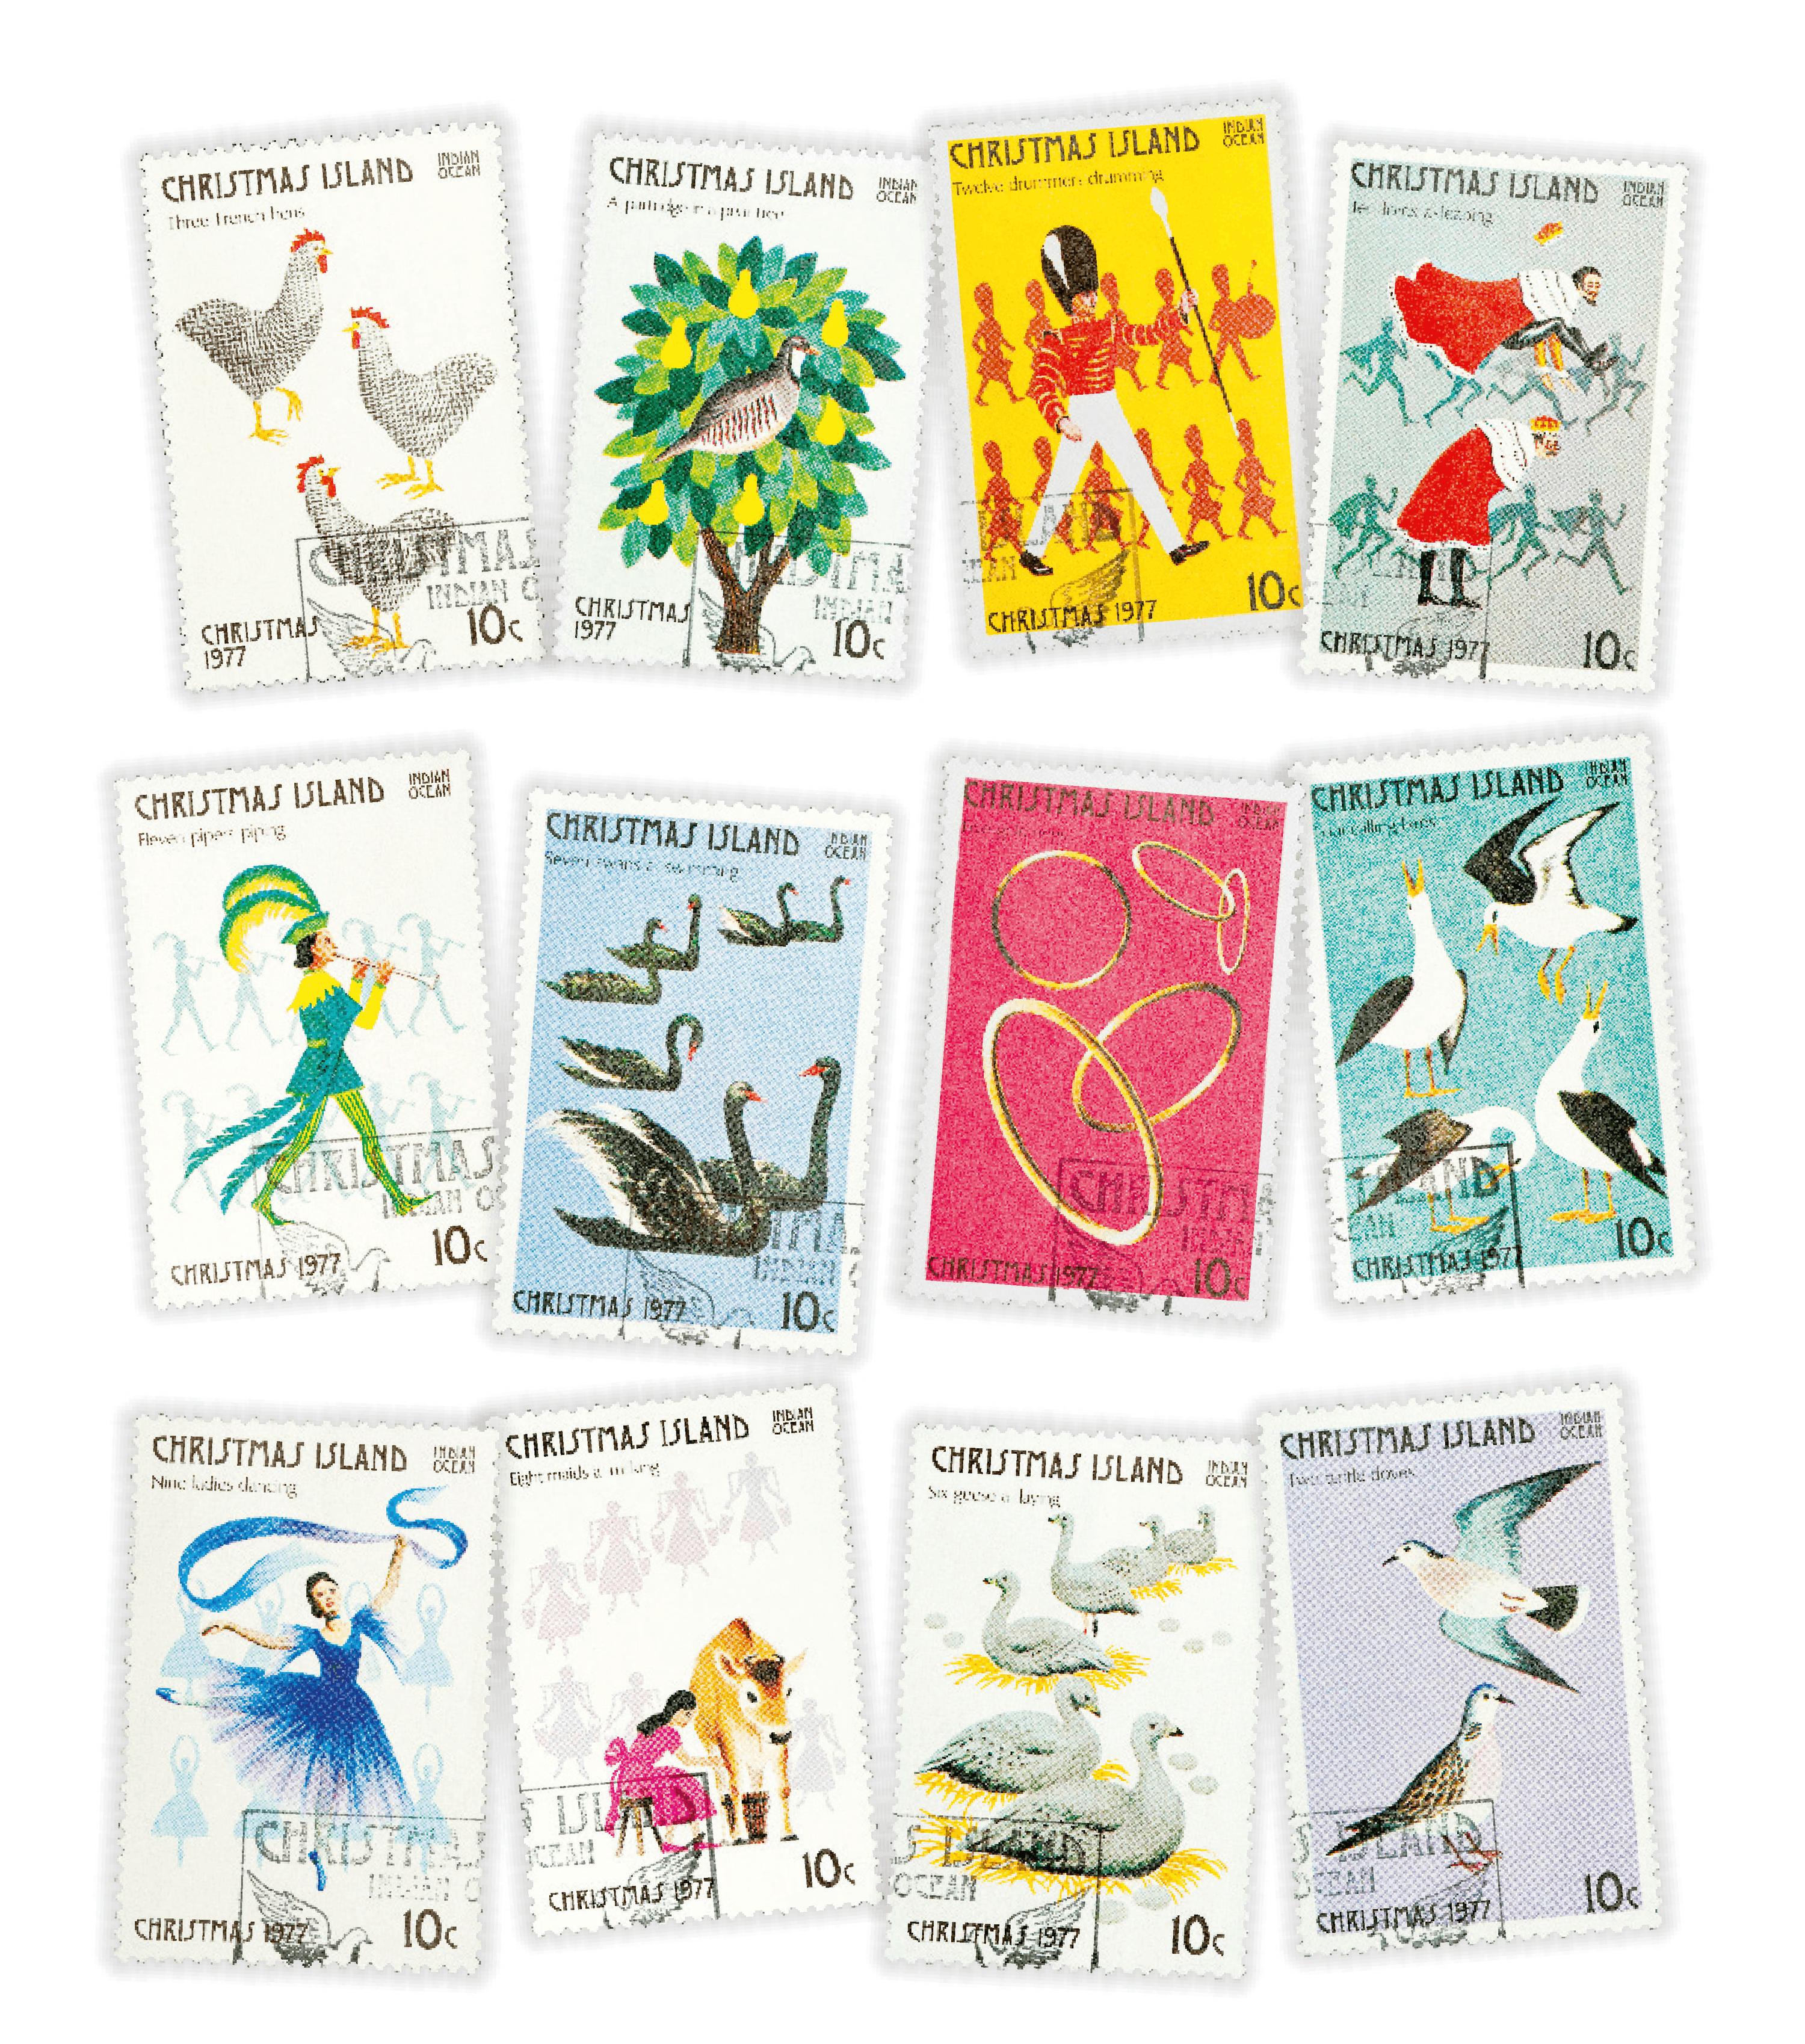 Stamps printed on Christmas Island